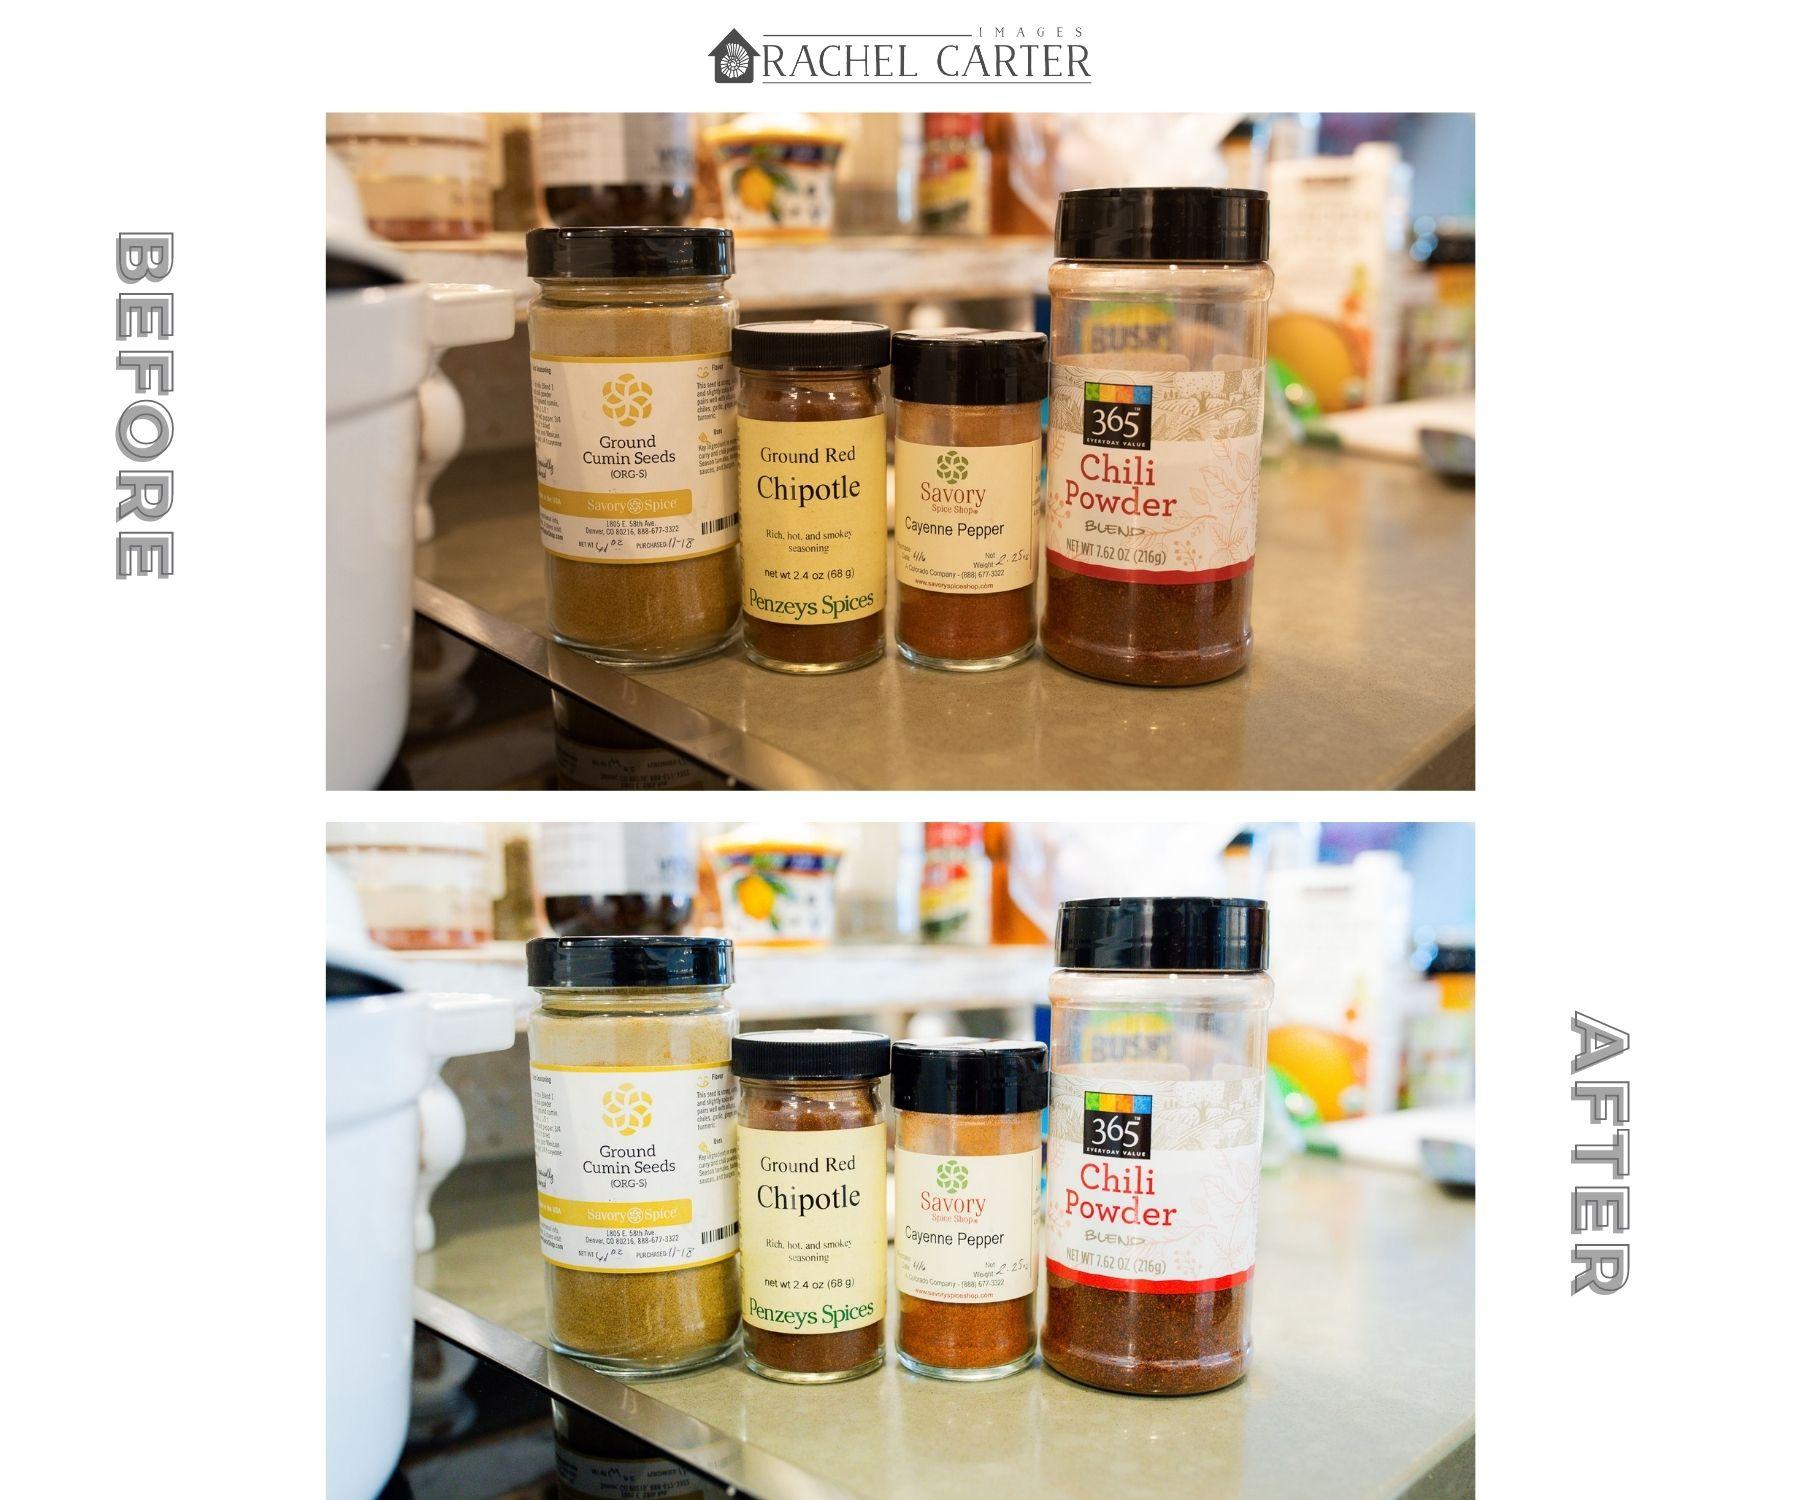 Spices for Sweet Potato Chili Lightroom Preset Comparison Photos - Rachel Carter Images